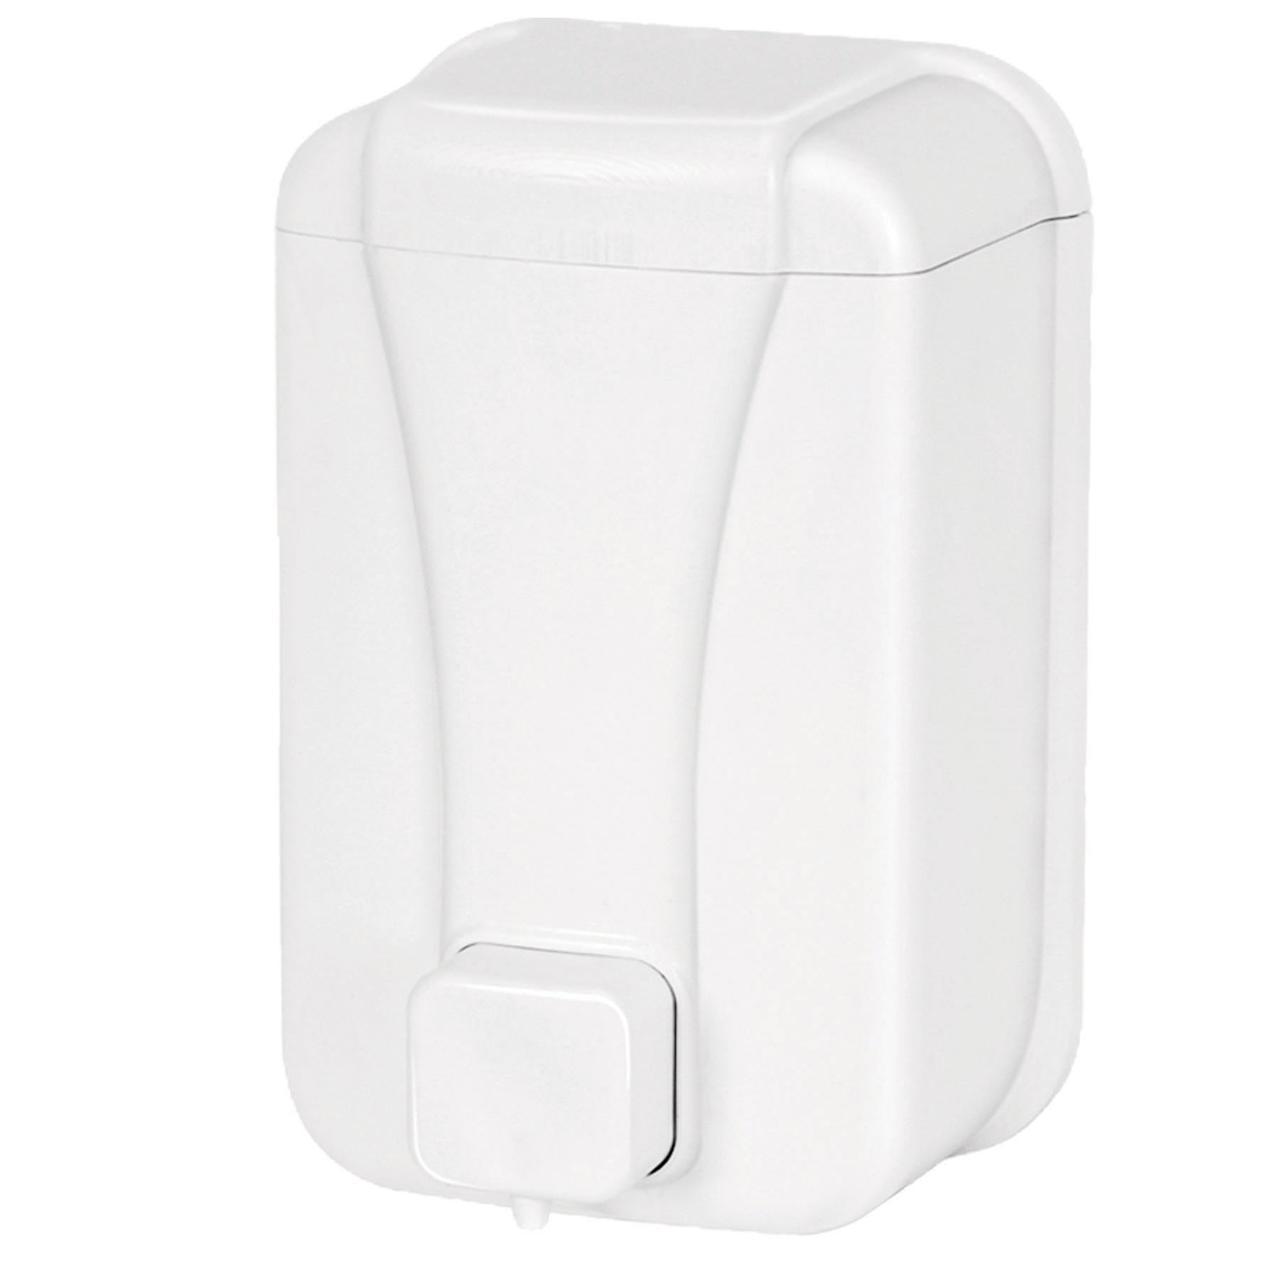 Диспенсер для жидкого мыла 1000 мл. Белый